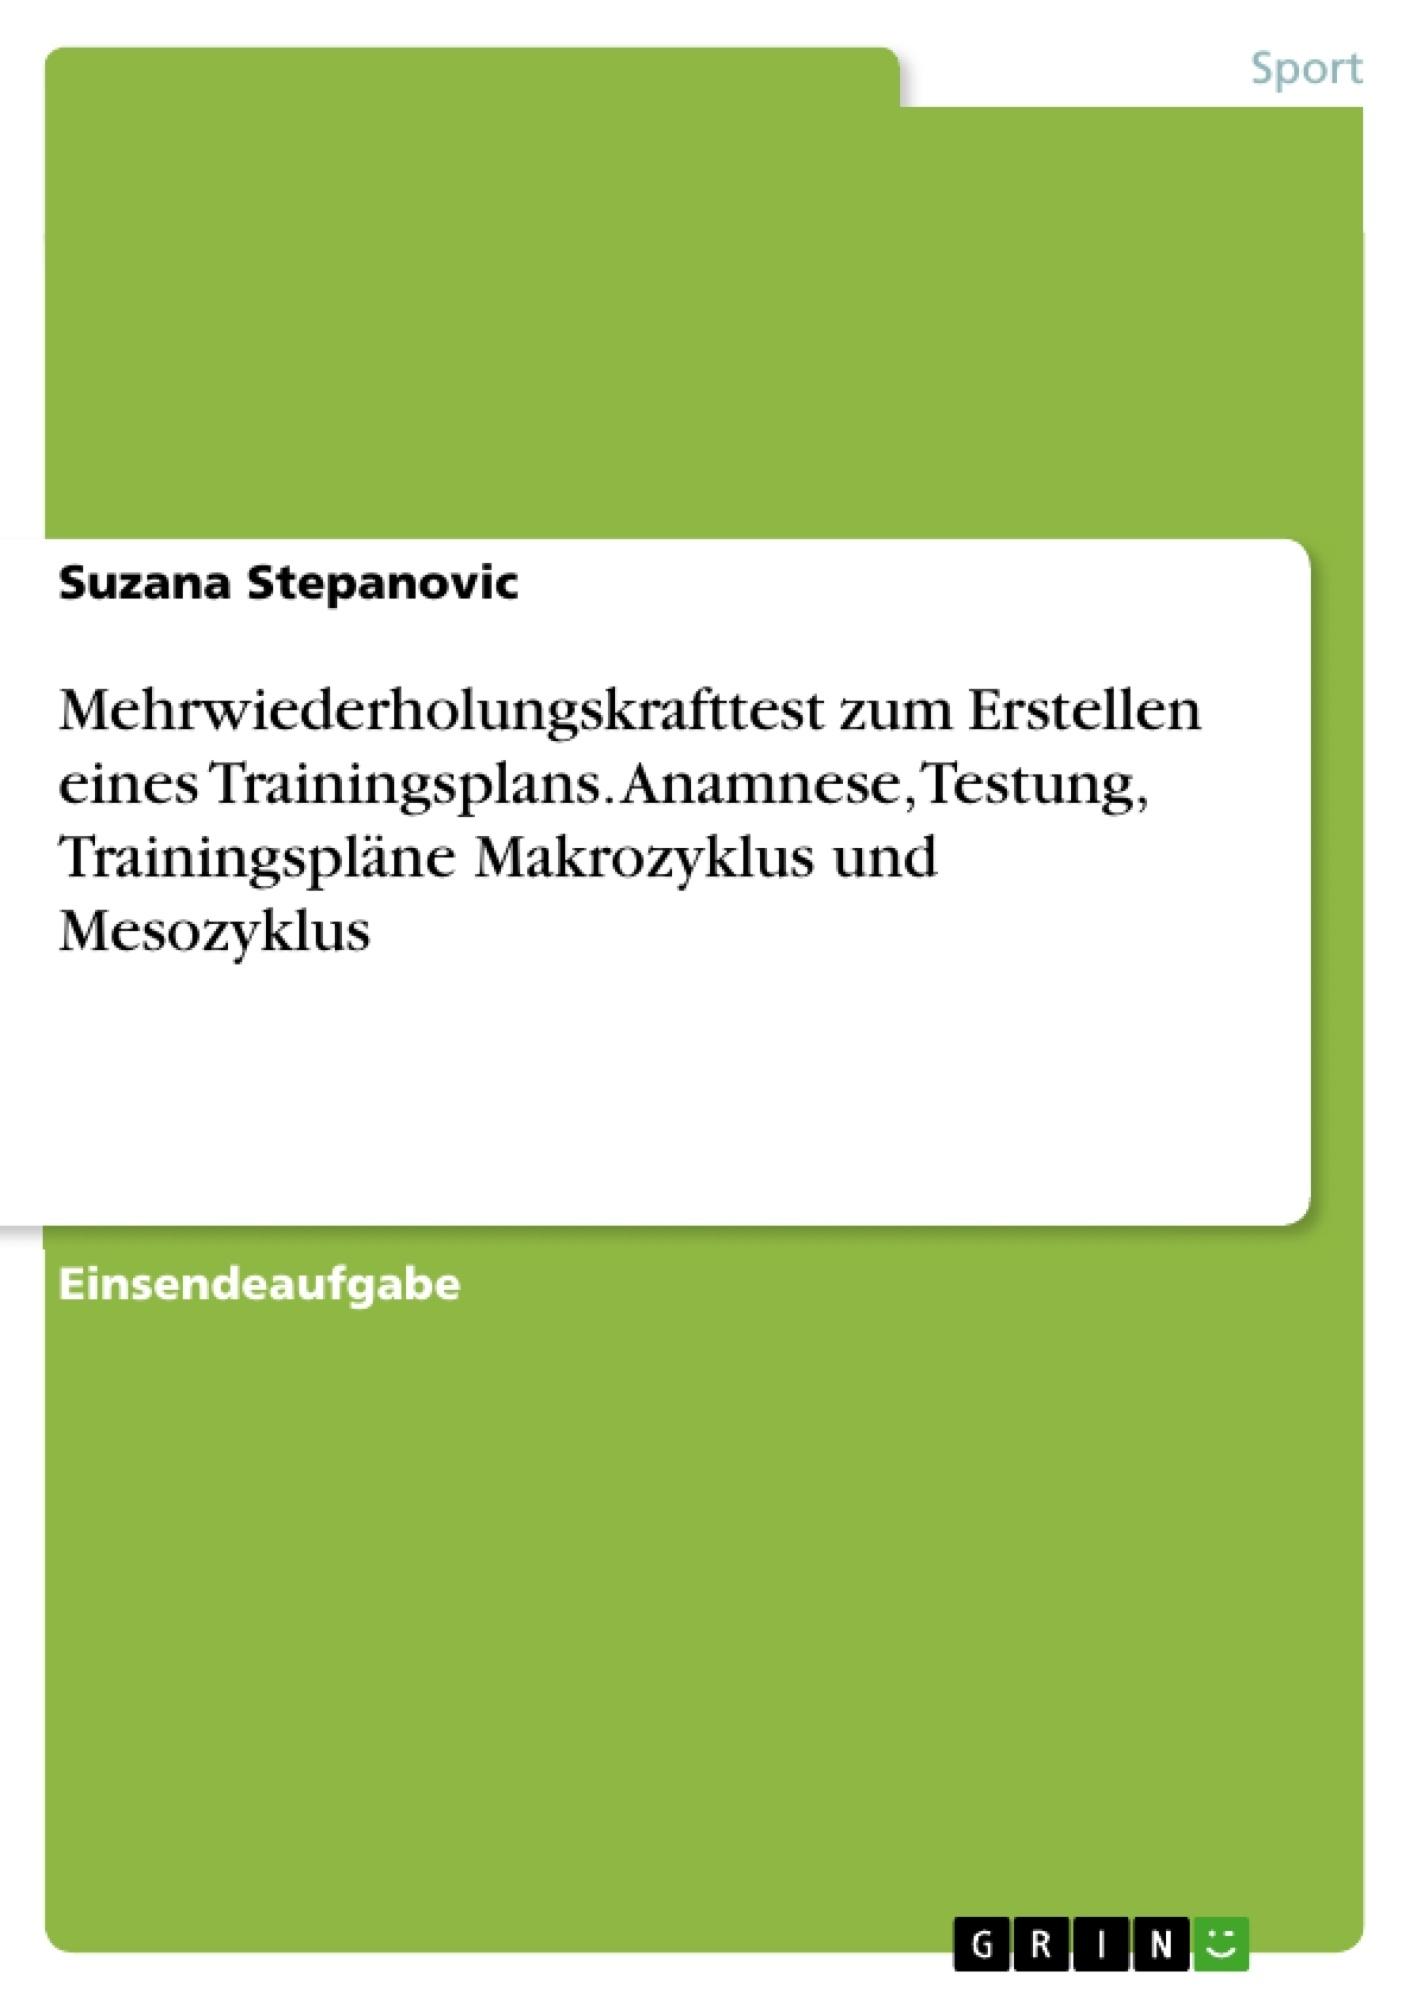 Titel: Mehrwiederholungskrafttest zum Erstellen eines Trainingsplans. Anamnese, Testung, Trainingspläne Makrozyklus und Mesozyklus